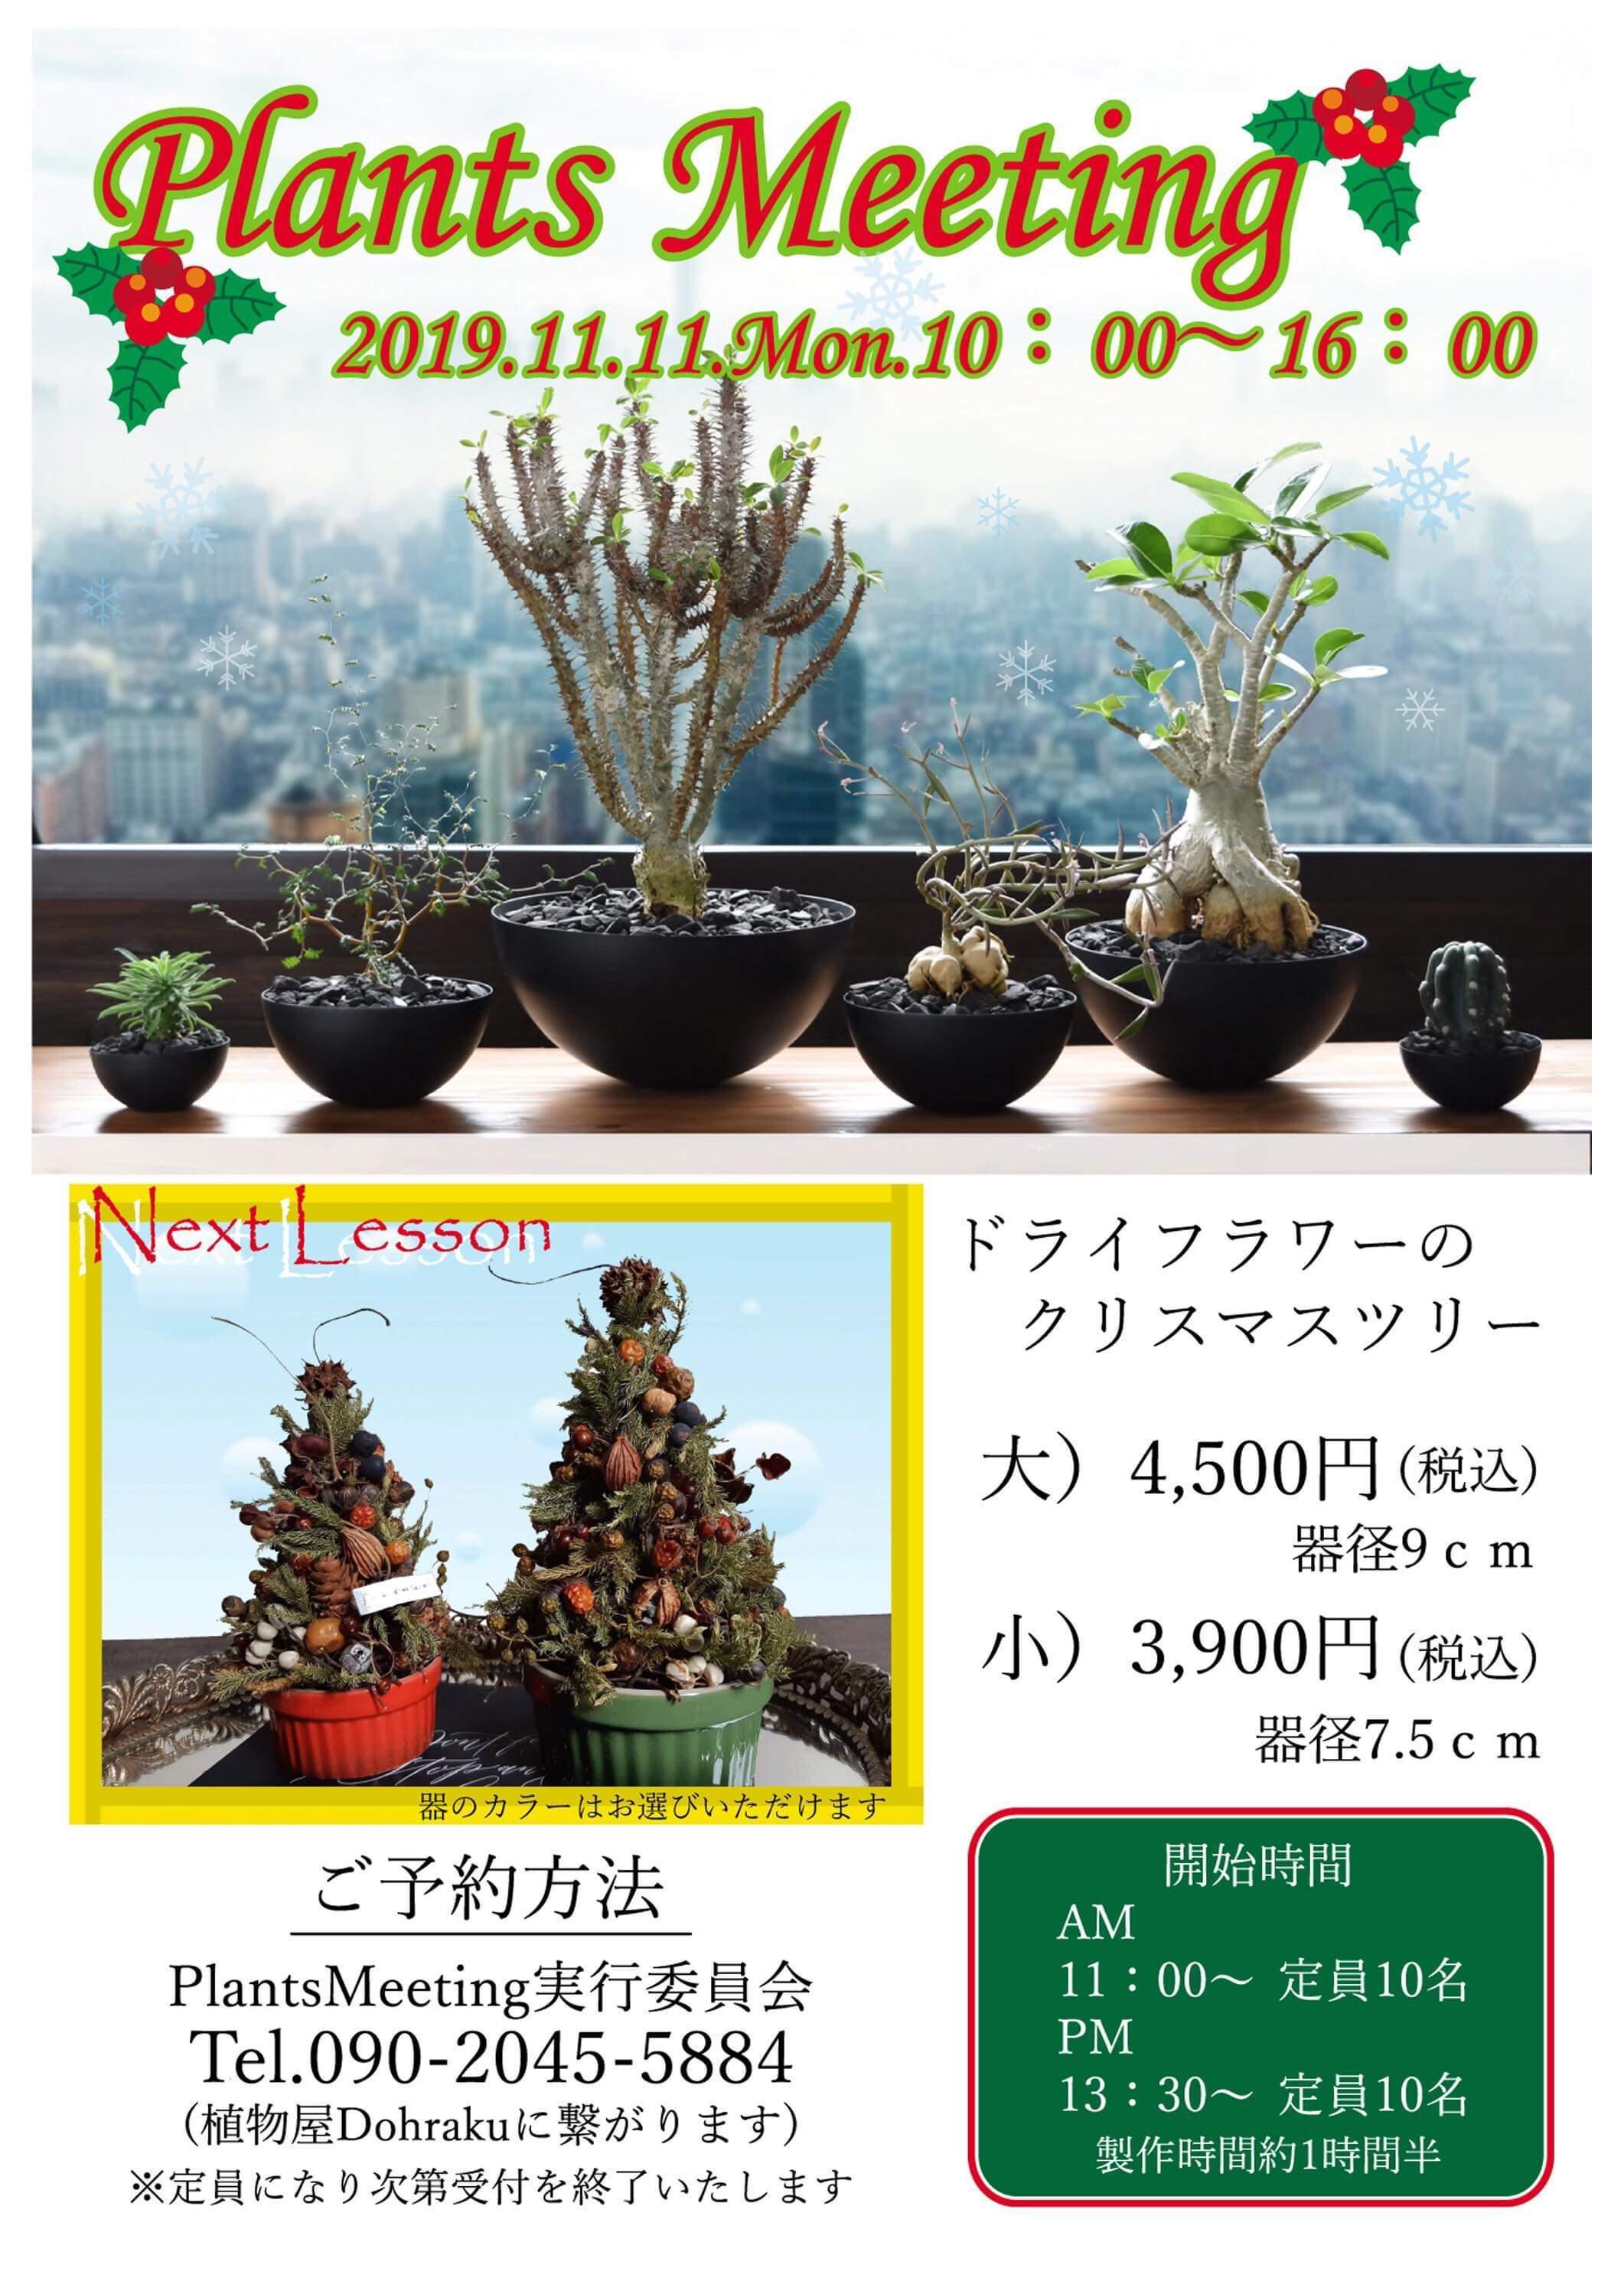 小さなクリスマスツリーを作りましょう♪_a0243983_08252654.jpeg